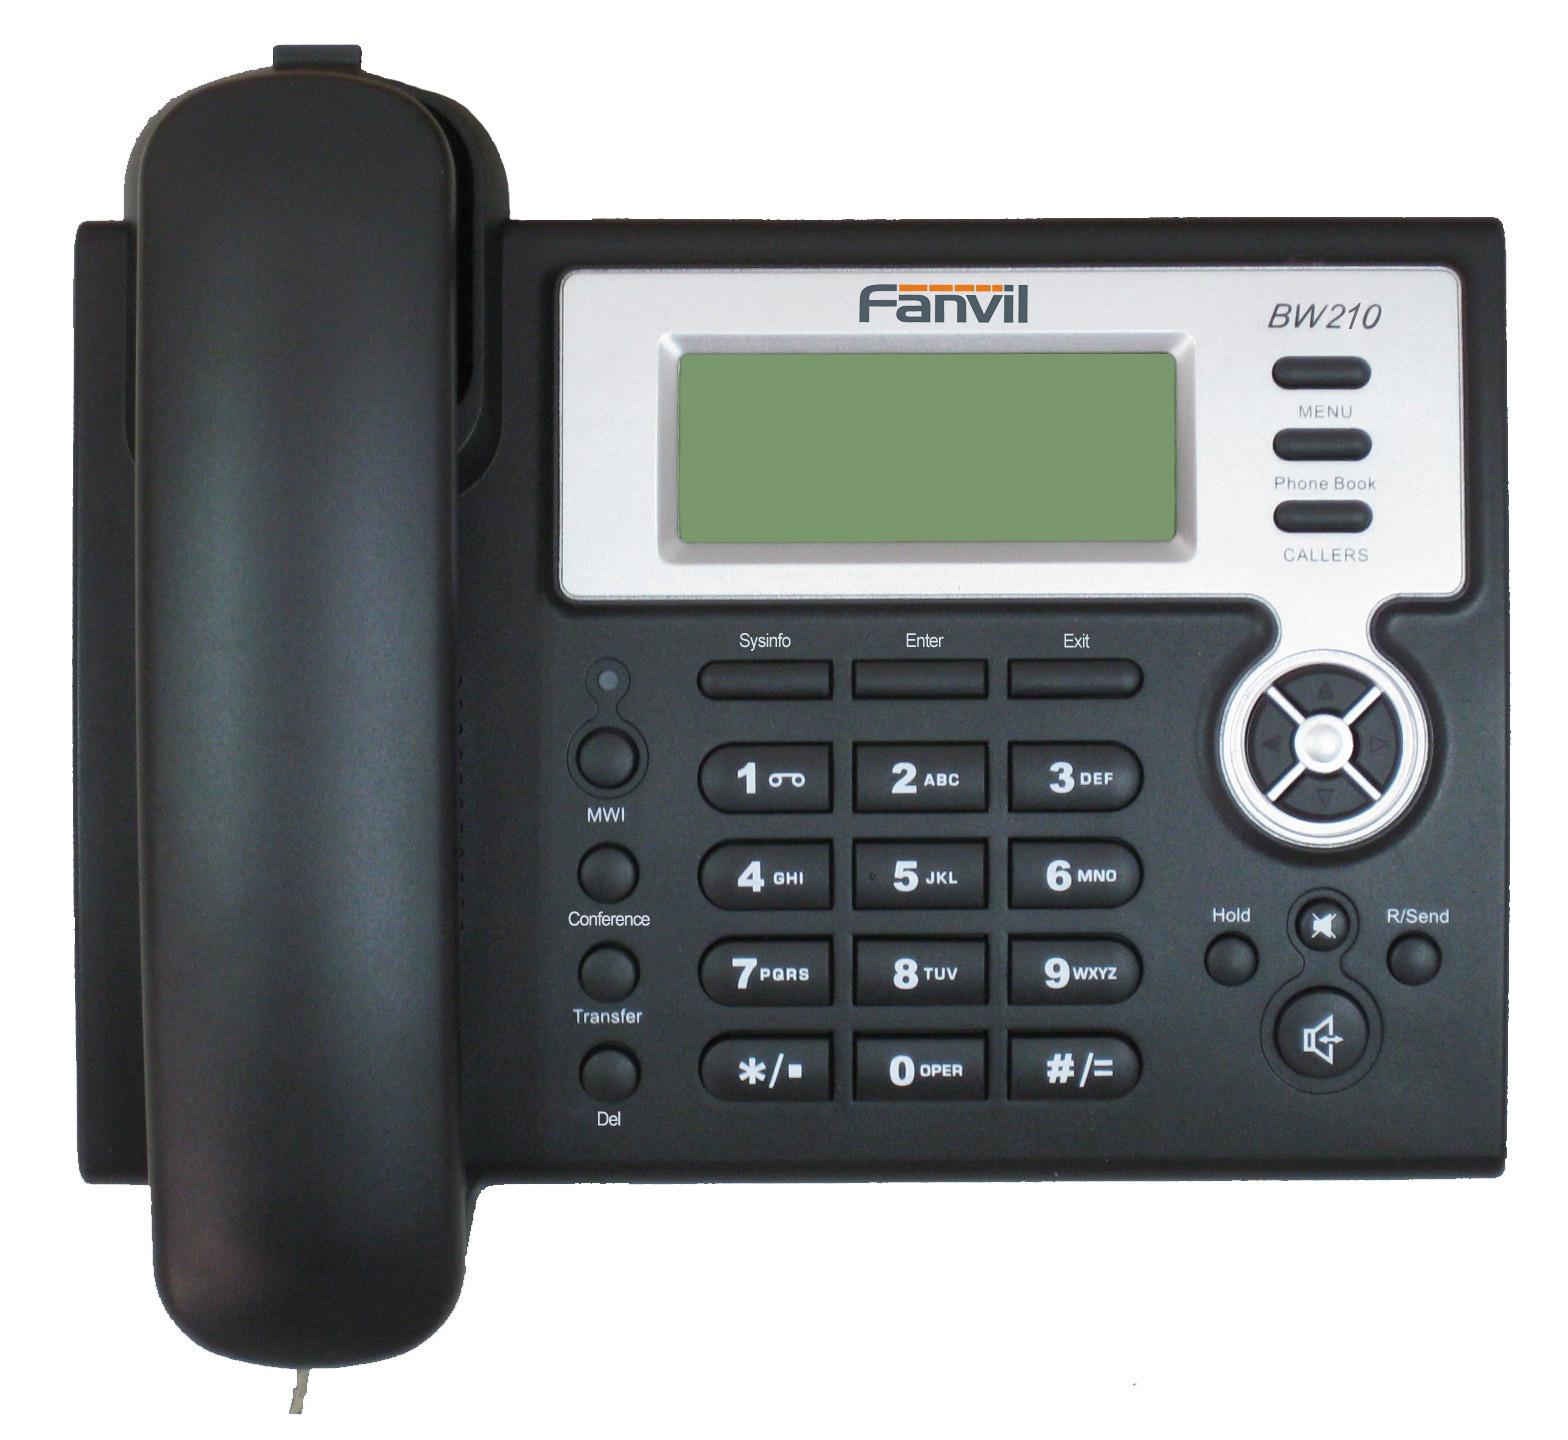 телефон, фото, клипарт, обои для рабочего стола, скачать кнопочный телефон